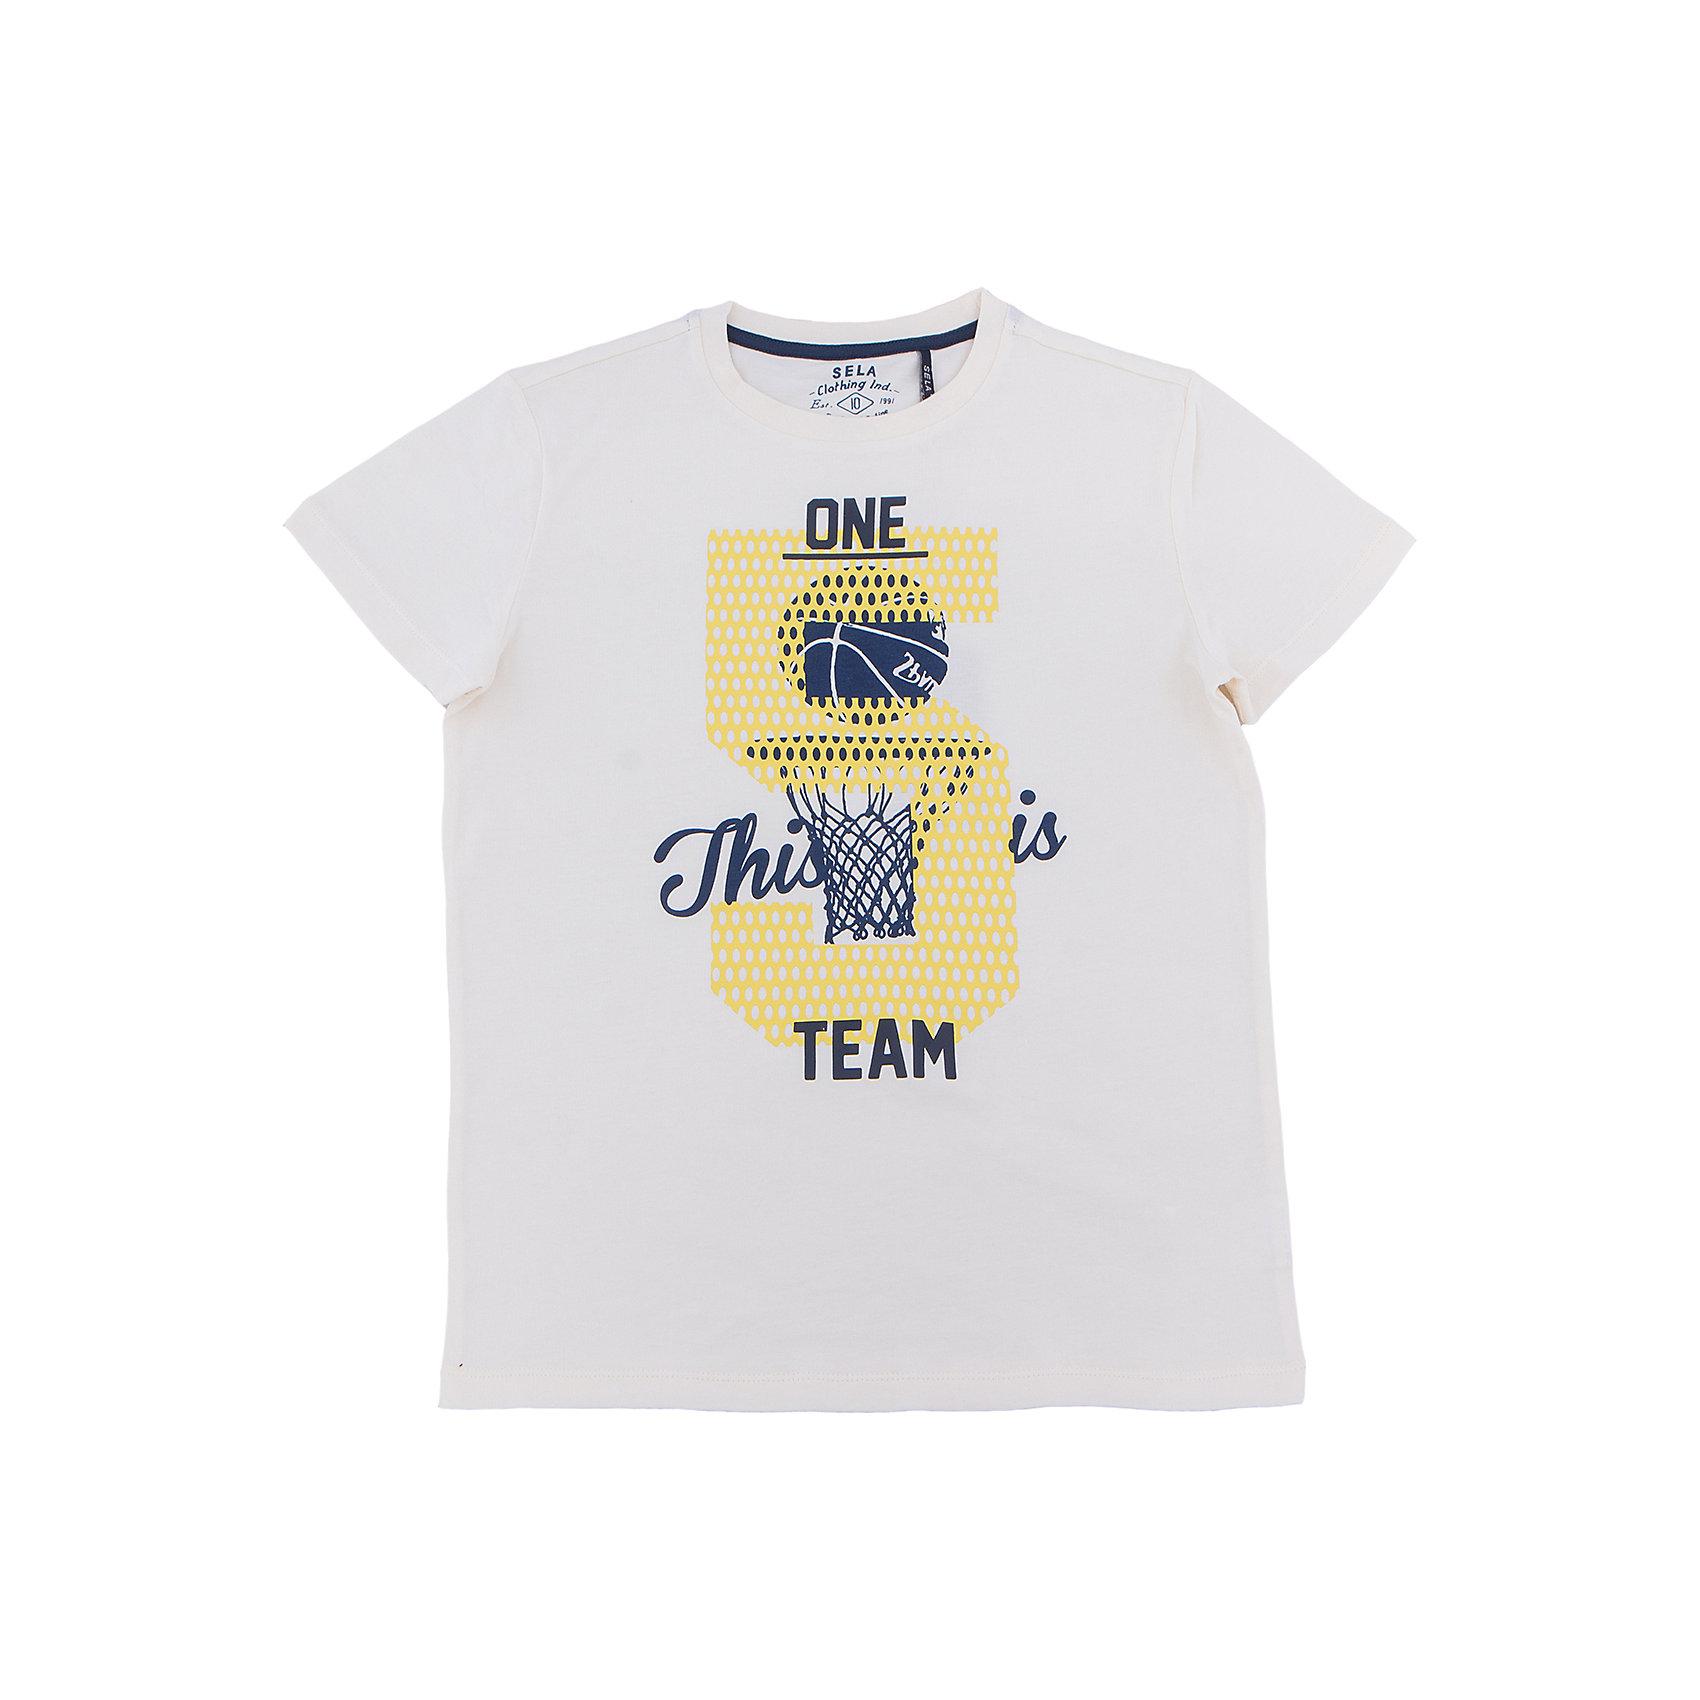 Футболка  для мальчика SELAХарактеристики товара:<br><br>• цвет: серый<br>• состав: 100% хлопок<br>• принт<br>• короткие рукава<br>• округлый горловой вырез<br>• коллекция весна-лето 2017<br>• страна бренда: Российская Федерация<br><br>В новой коллекции SELA отличные модели одежды! Эта футболка для мальчика поможет разнообразить гардероб ребенка и обеспечить комфорт. Она отлично сочетается с джинсами и брюками. В составе ткани -только дышащий гипоаллергенный хлопок!<br><br>Одежда, обувь и аксессуары от российского бренда SELA не зря пользуются большой популярностью у детей и взрослых! Модели этой марки - стильные и удобные, цена при этом неизменно остается доступной. Для их производства используются только безопасные, качественные материалы и фурнитура. Новая коллекция поддерживает хорошие традиции бренда! <br><br>Футболку для мальчика от популярного бренда SELA (СЕЛА) можно купить в нашем интернет-магазине.<br><br>Ширина мм: 230<br>Глубина мм: 40<br>Высота мм: 220<br>Вес г: 250<br>Цвет: серый<br>Возраст от месяцев: 96<br>Возраст до месяцев: 108<br>Пол: Мужской<br>Возраст: Детский<br>Размер: 134,140,146,152,116,122,128<br>SKU: 5304160